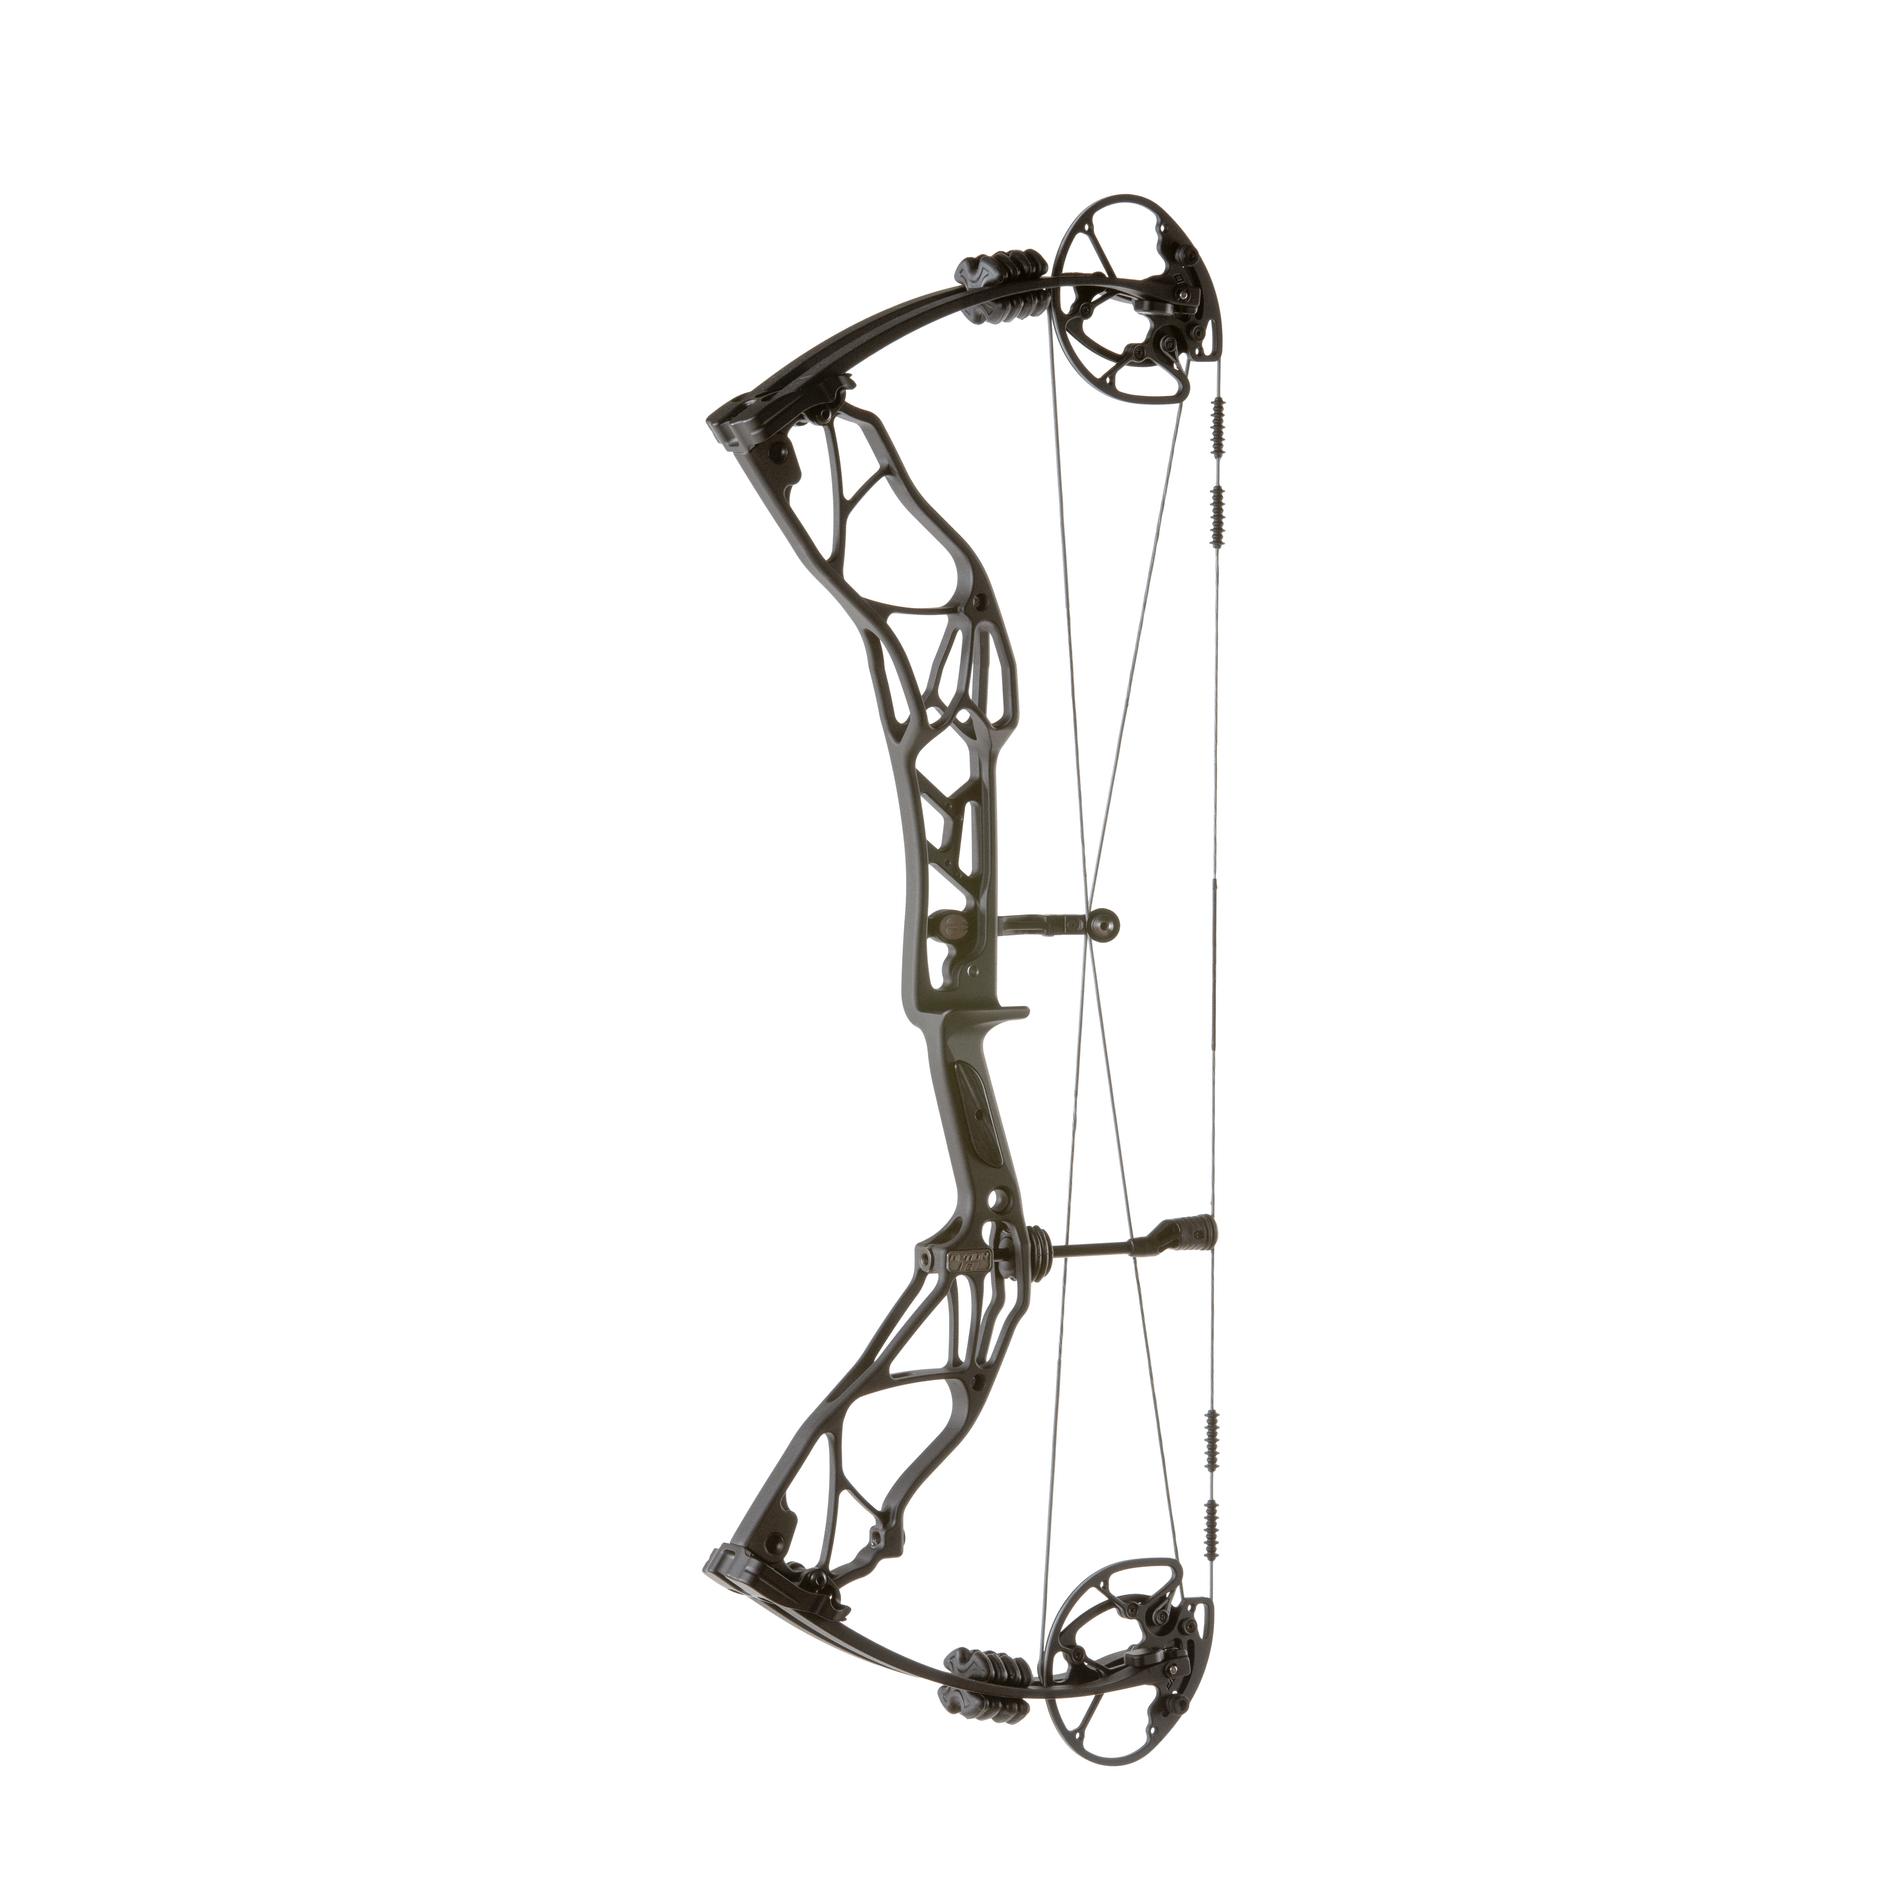 Elite archery Option 6 compound bow